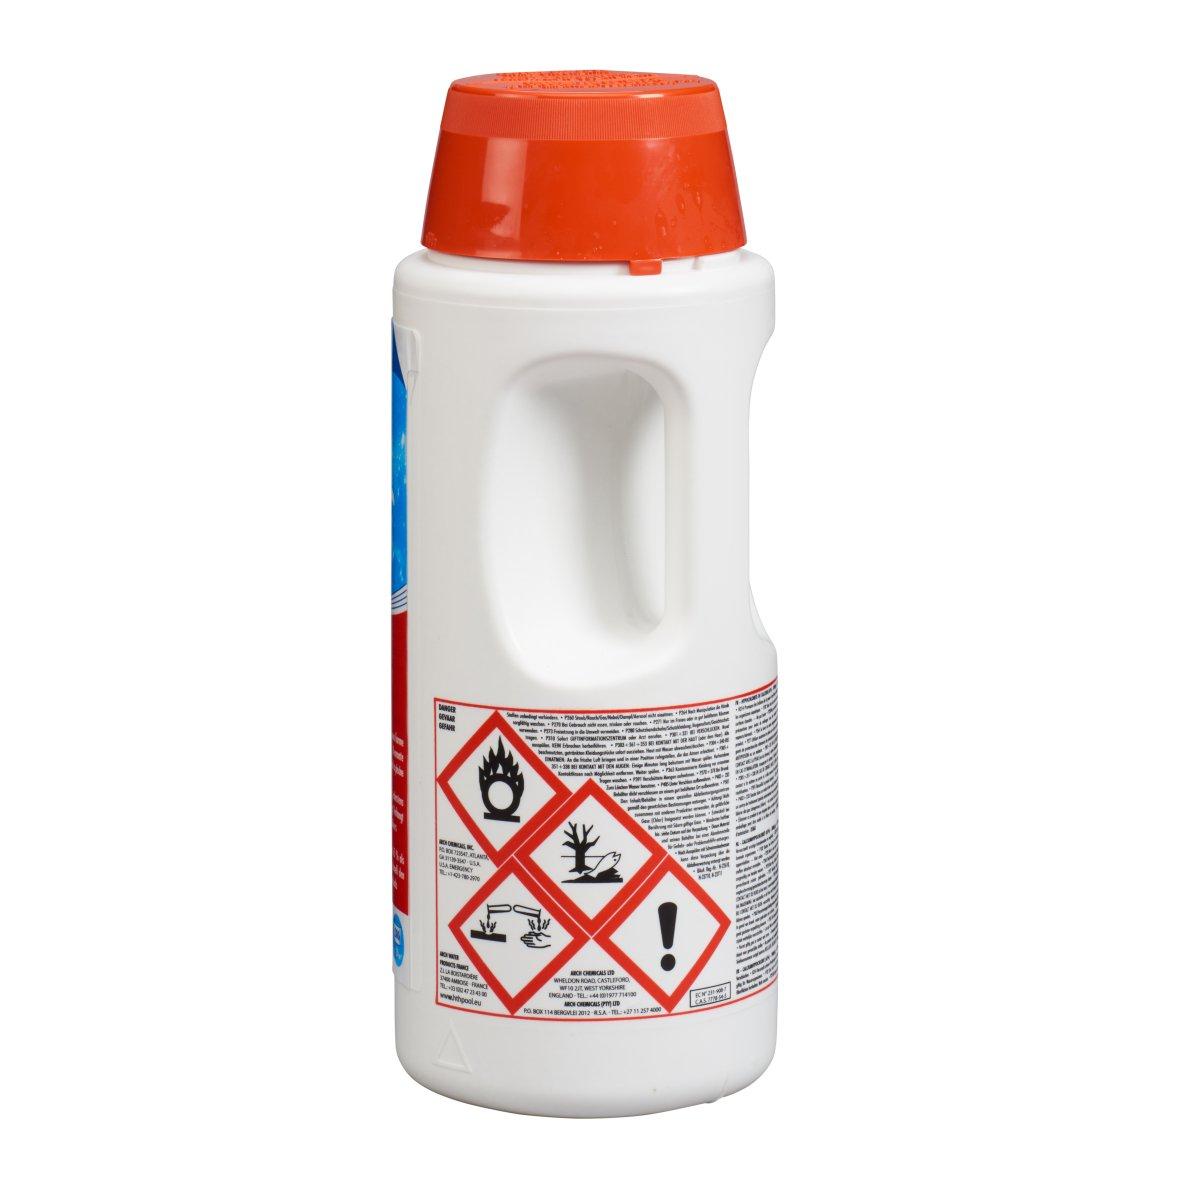 HTH Granulaat 2.5 kg - Chloor